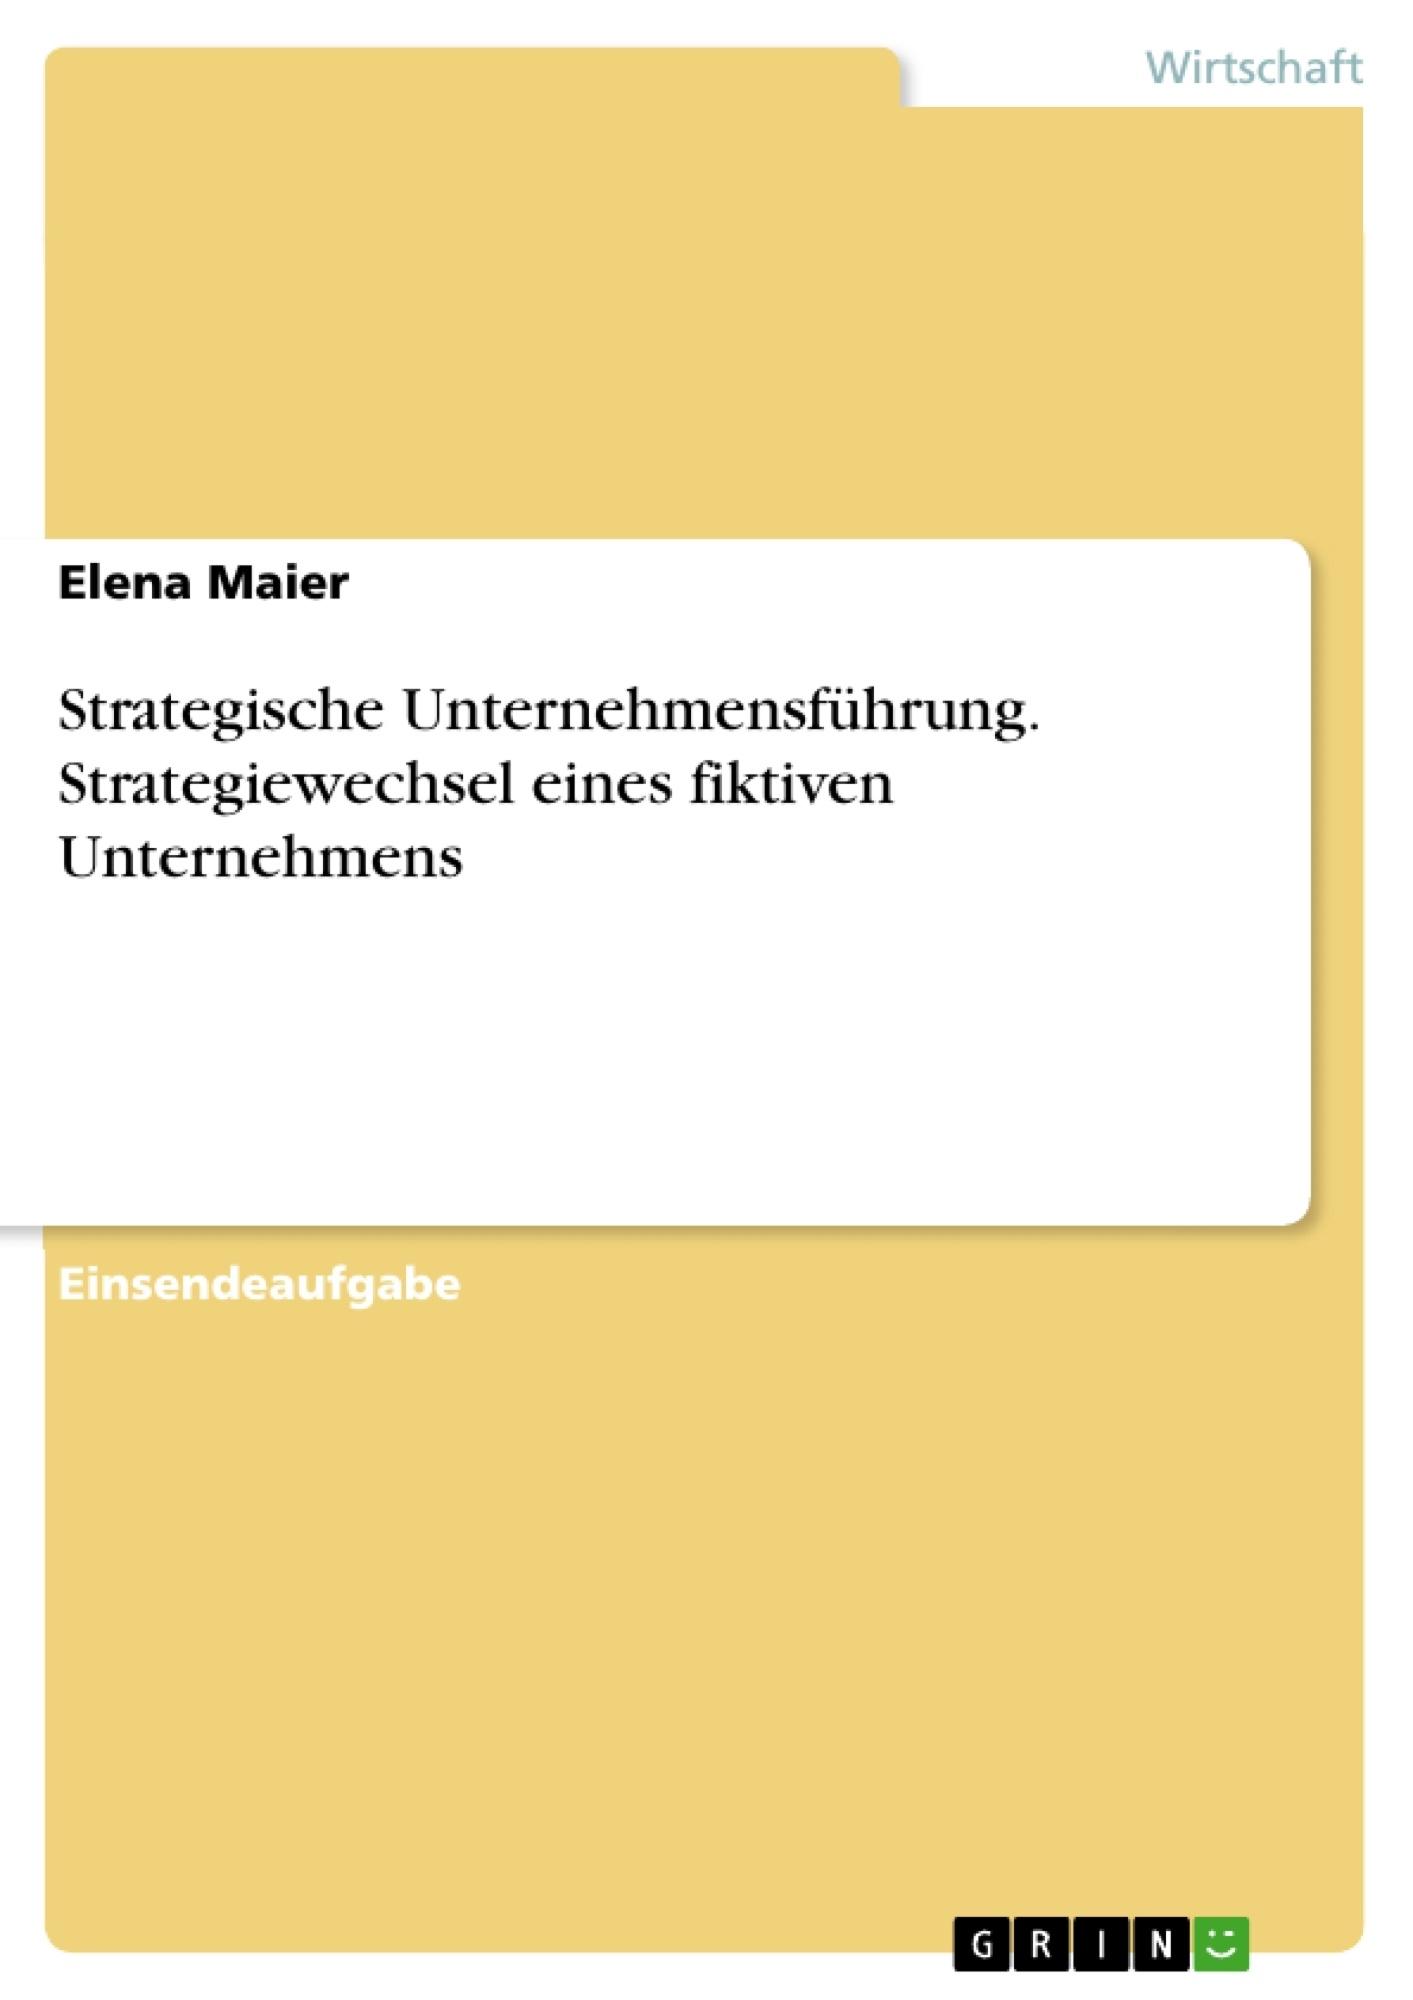 Titel: Strategische Unternehmensführung. Strategiewechsel eines fiktiven Unternehmens